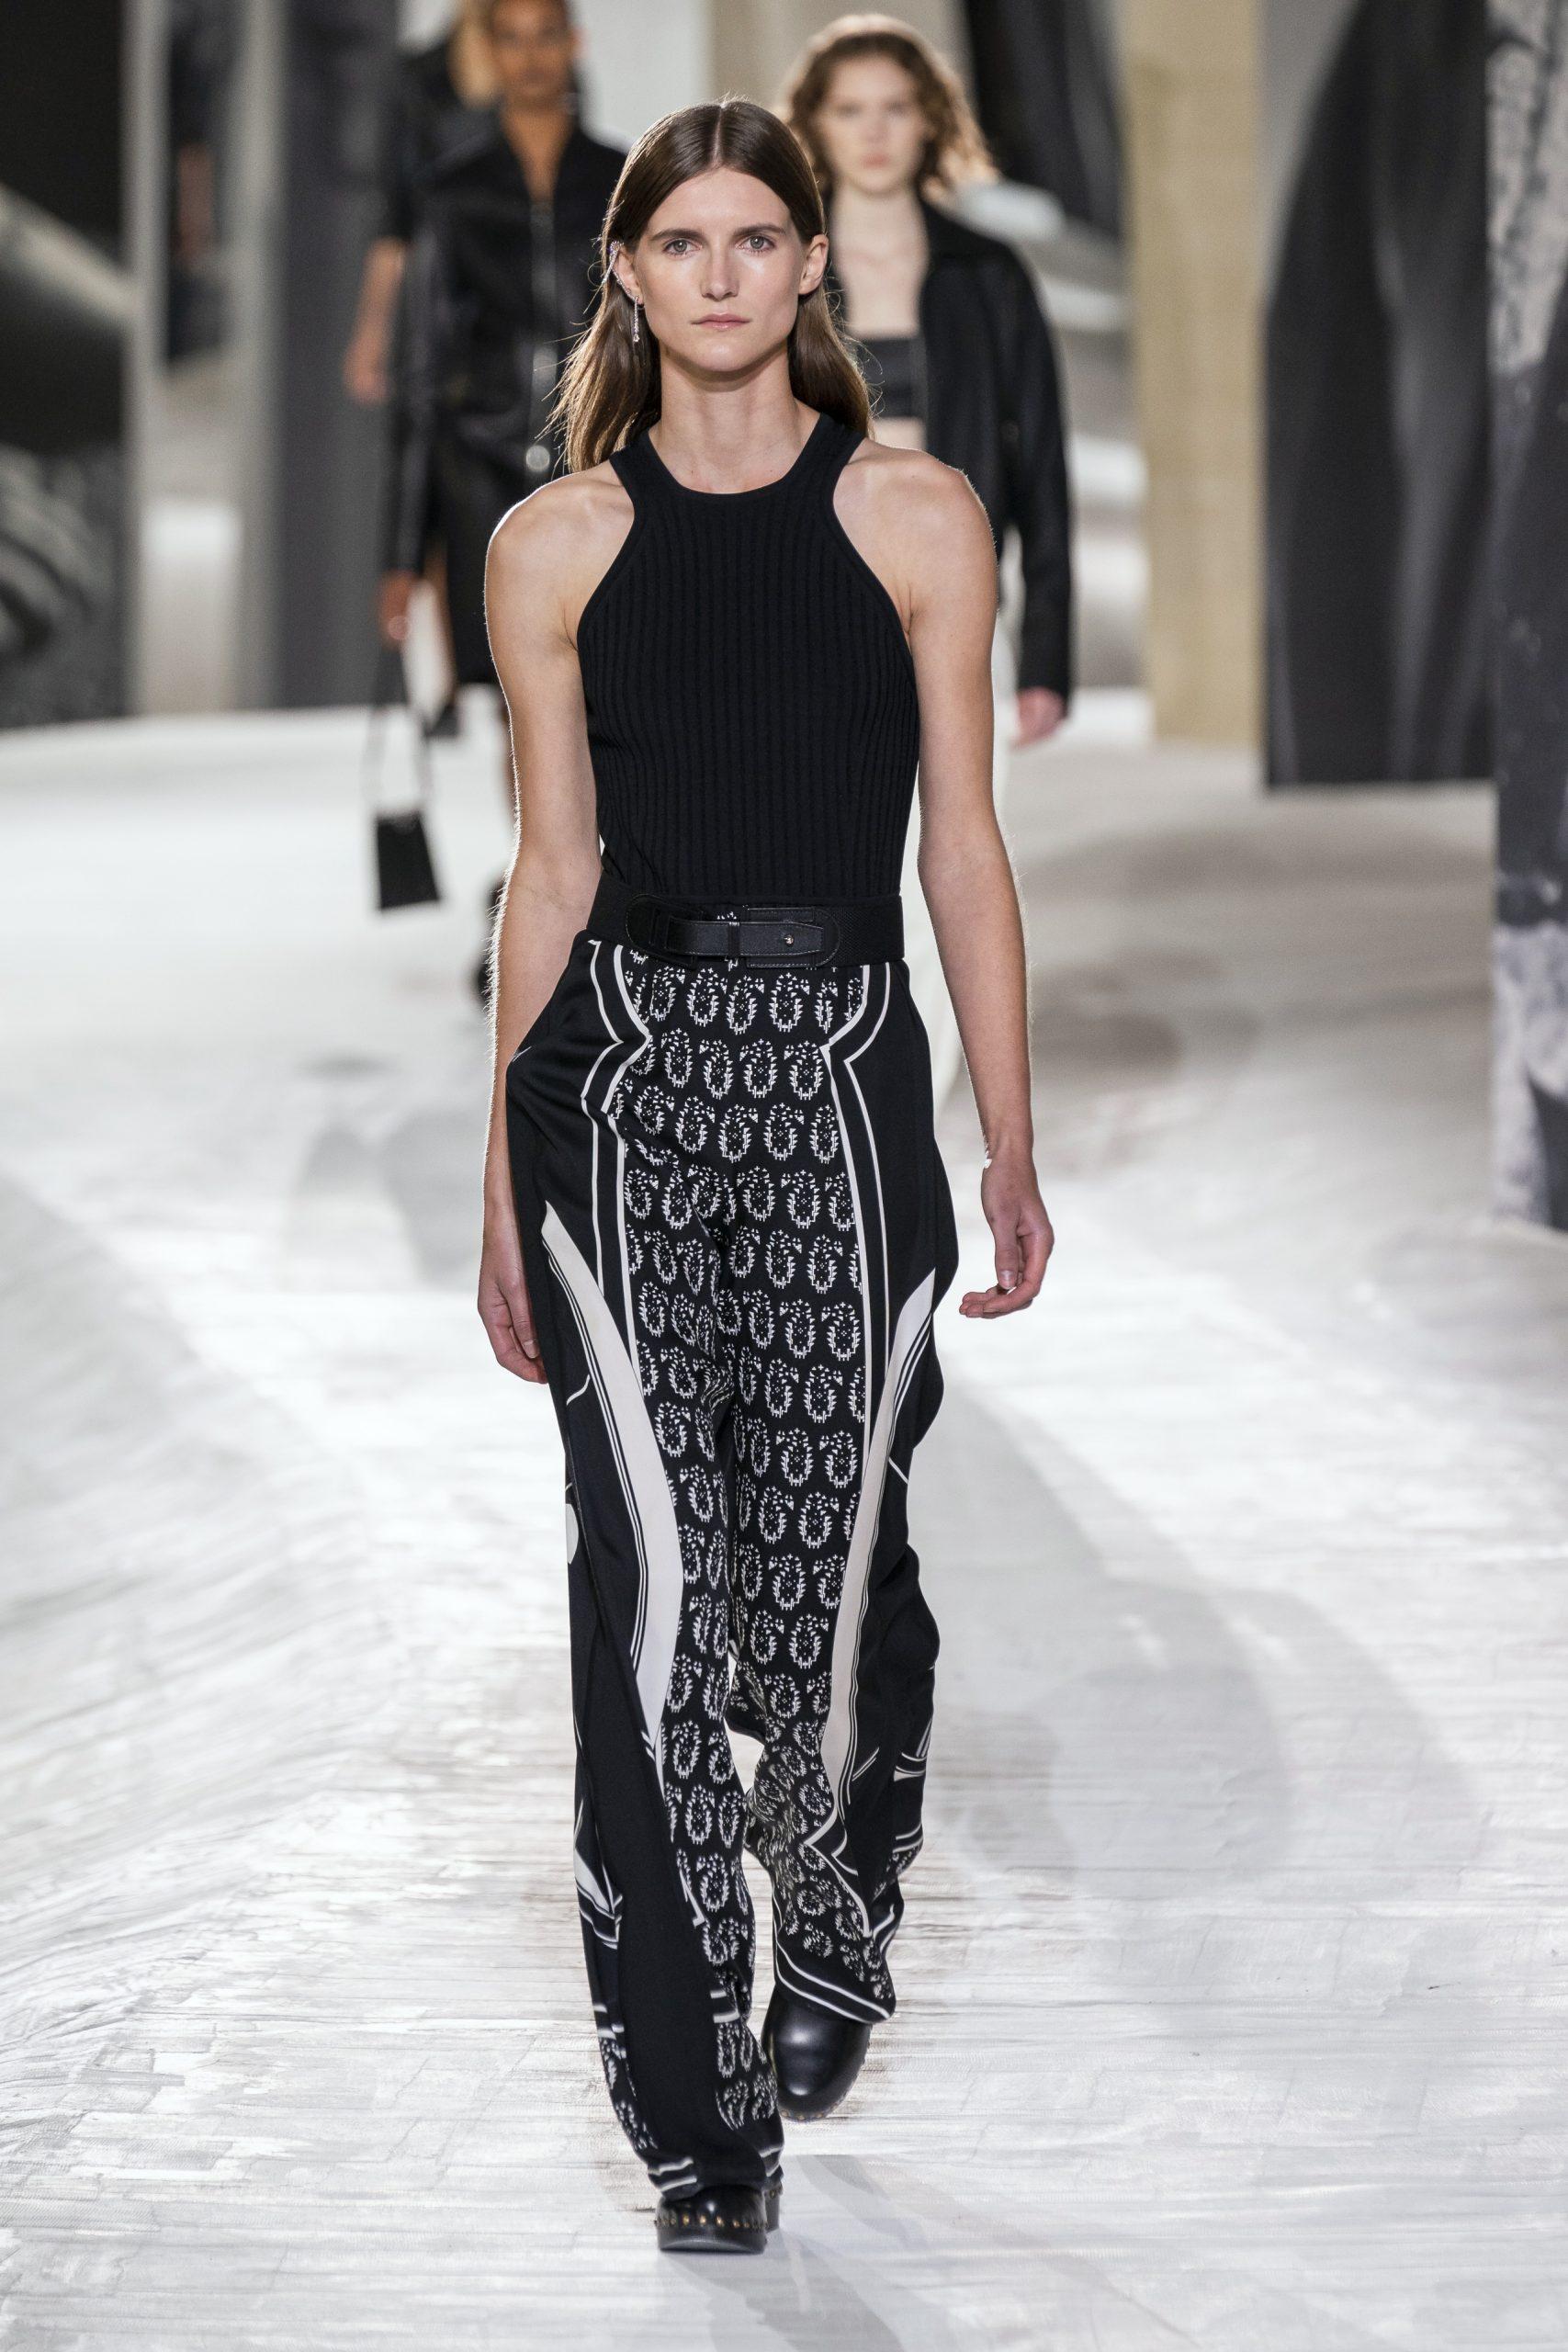 16. kép: Párizsi divathét - Hermès - 2021 tavasz-nyár - ready to wear